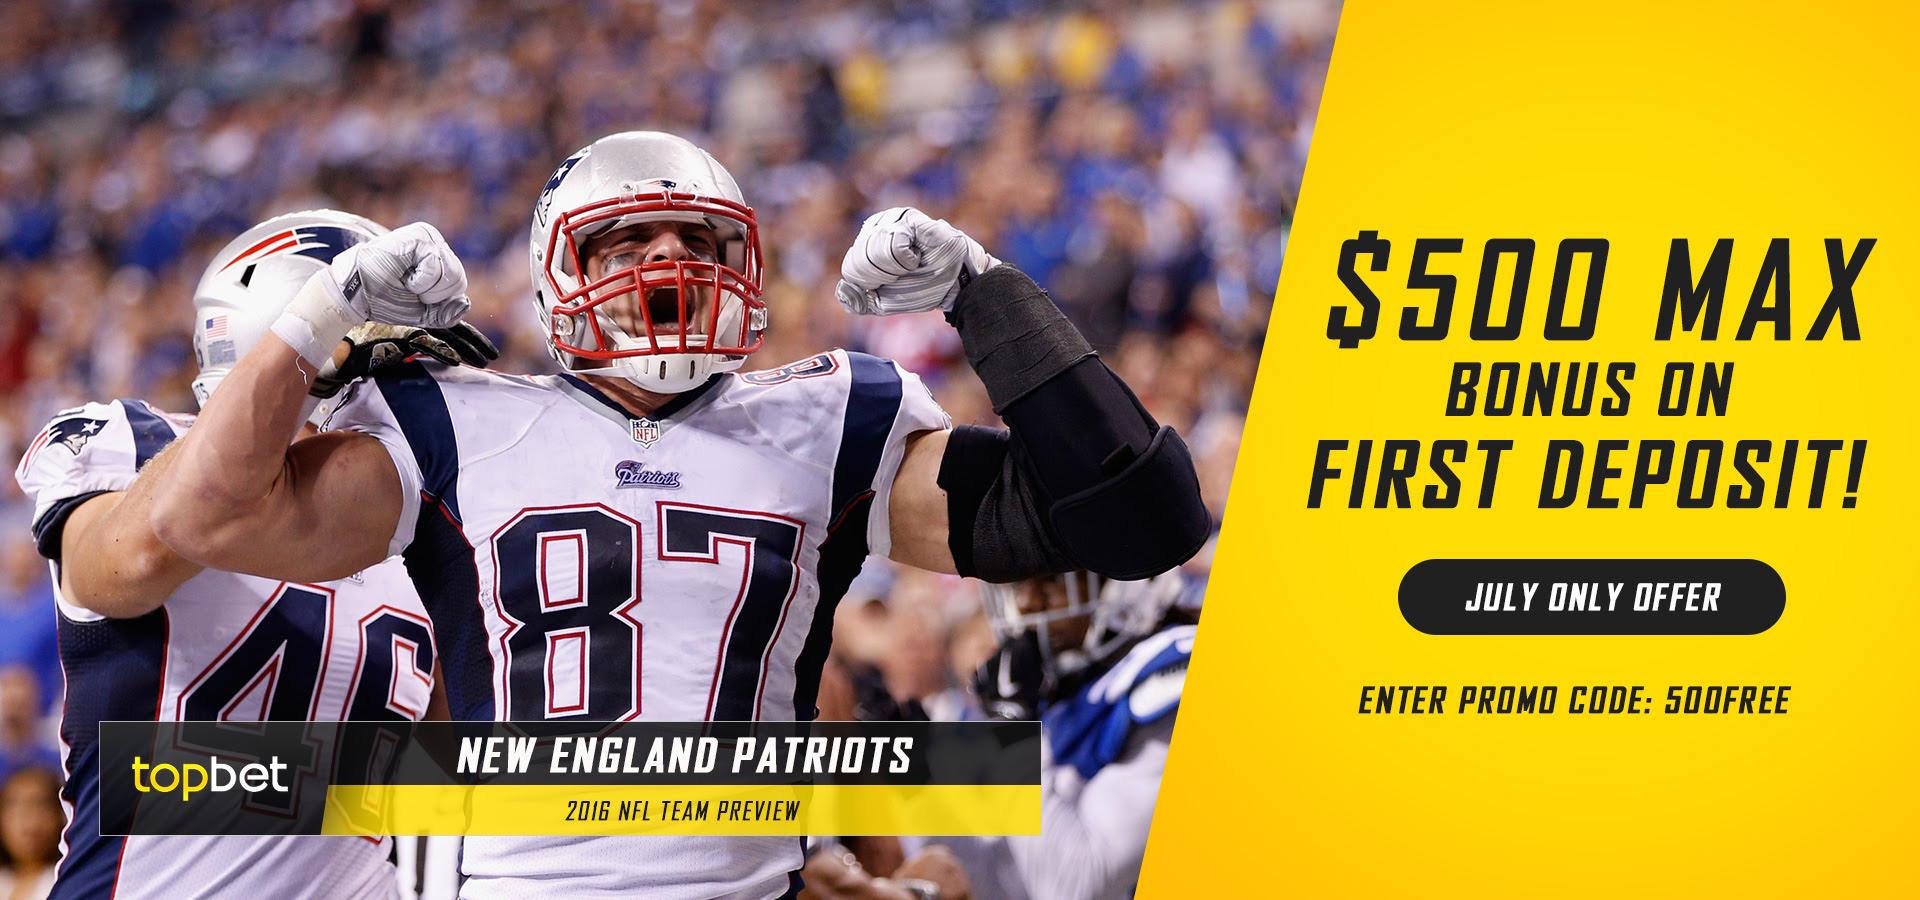 New England Patriots 201617 Team Preview Odds